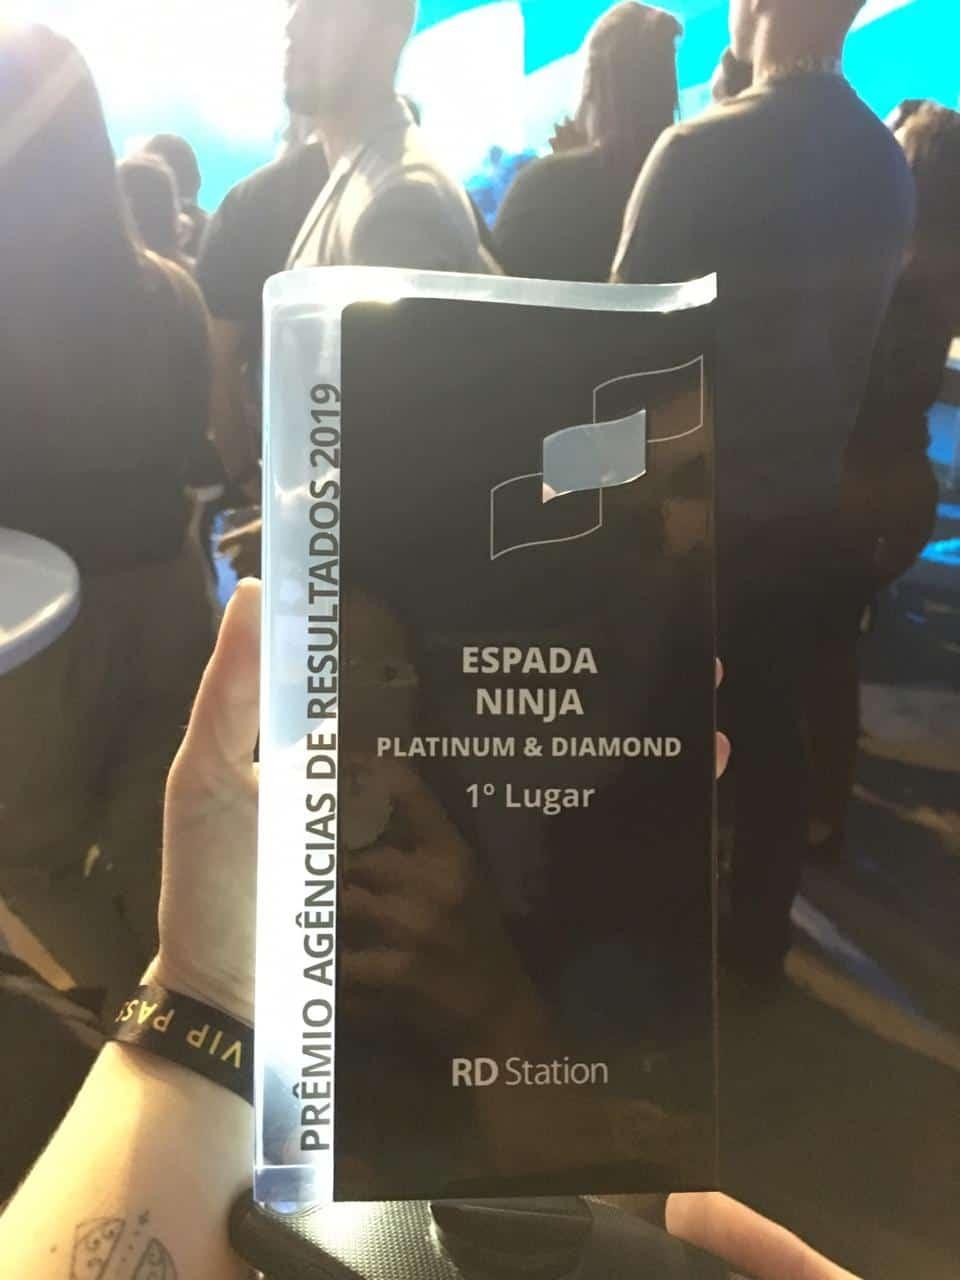 Prêmio Espada Ninja